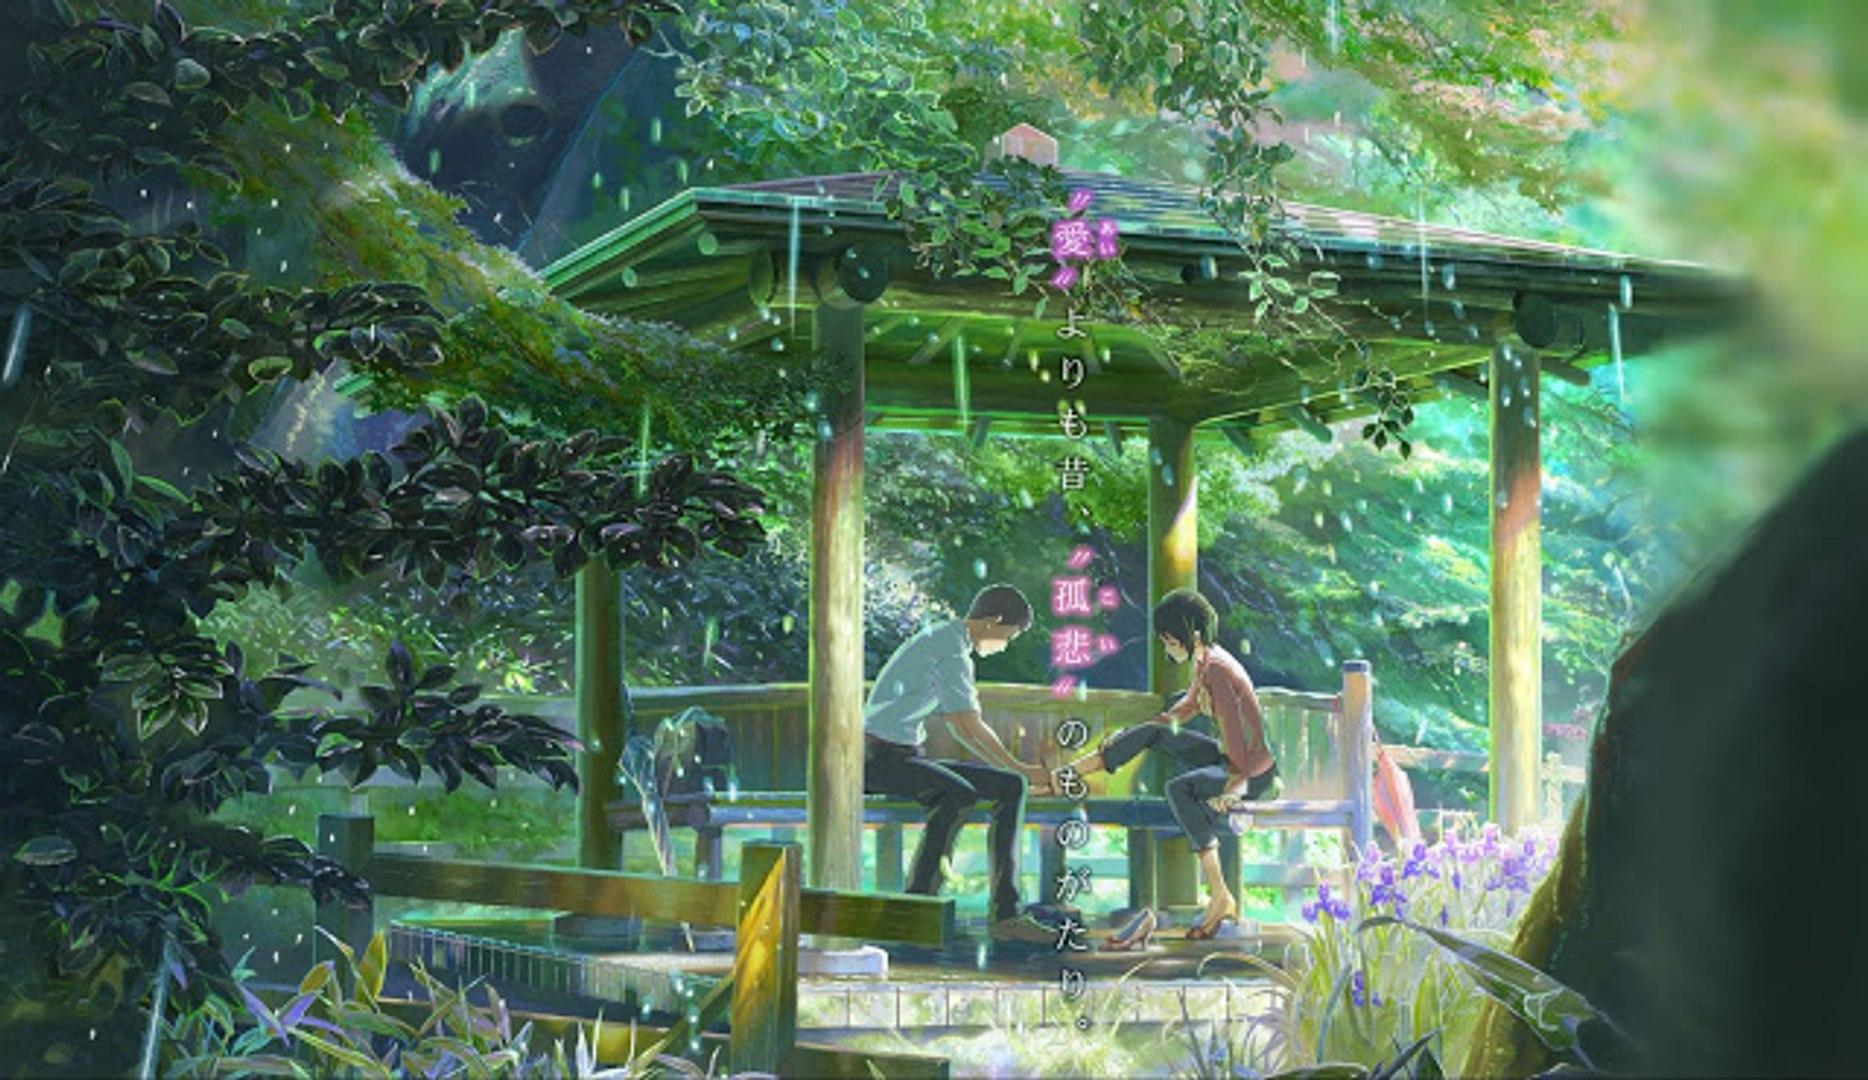 El Jardin De Las Palabras Video Dailymotion